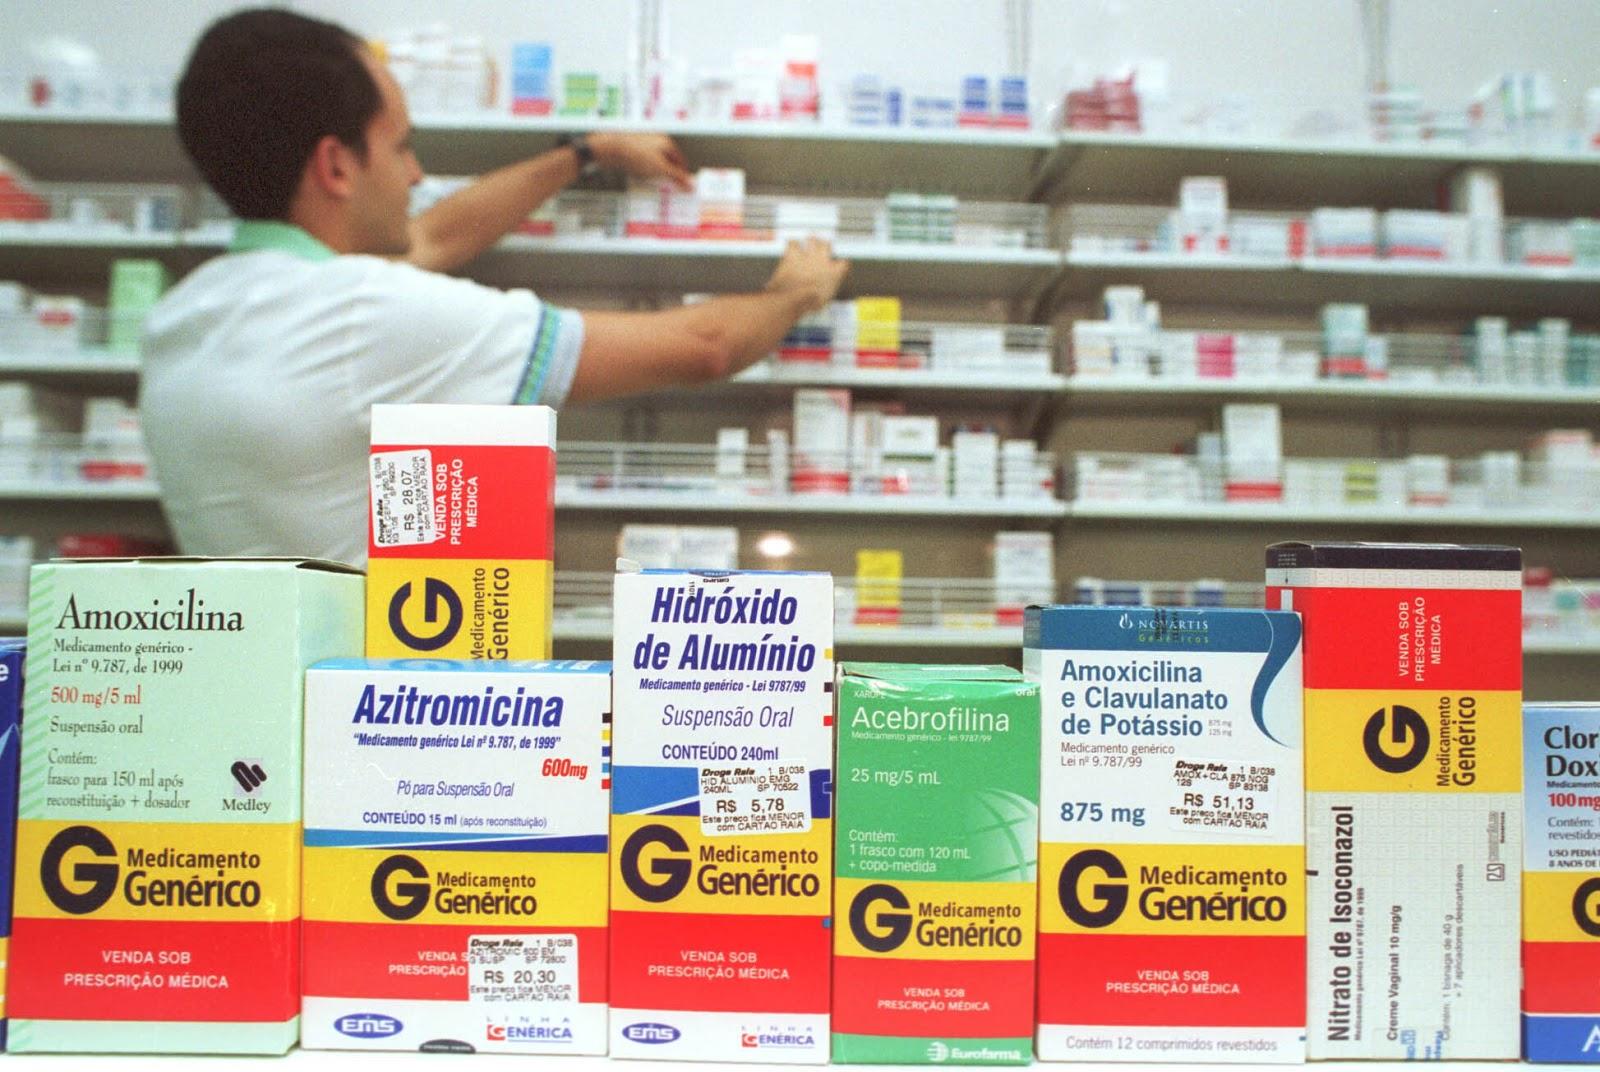 MP arquiva inquérito que apurava irregularidades em farmárcias em Prainha